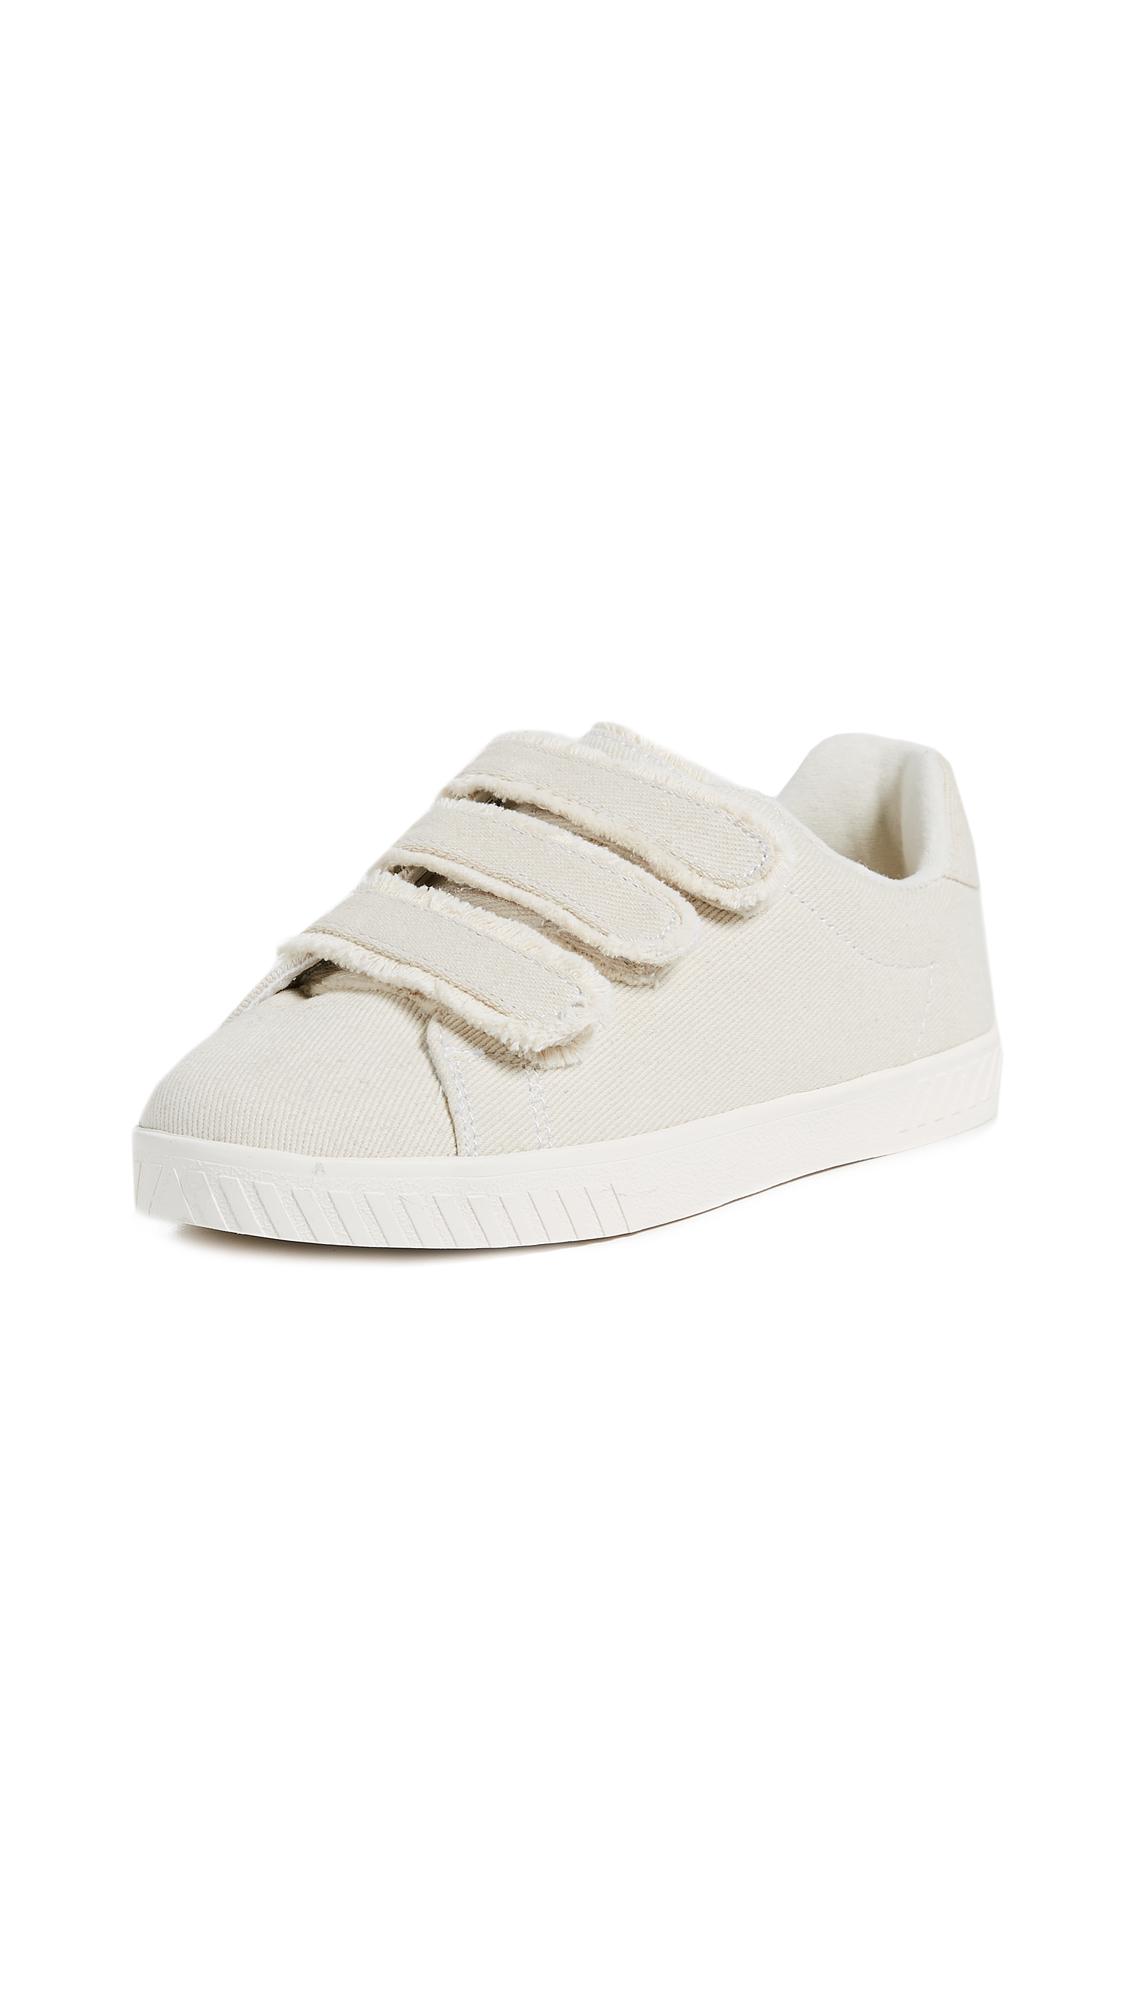 Tretorn Carry Fringe Velcro Sneakers - Ivory